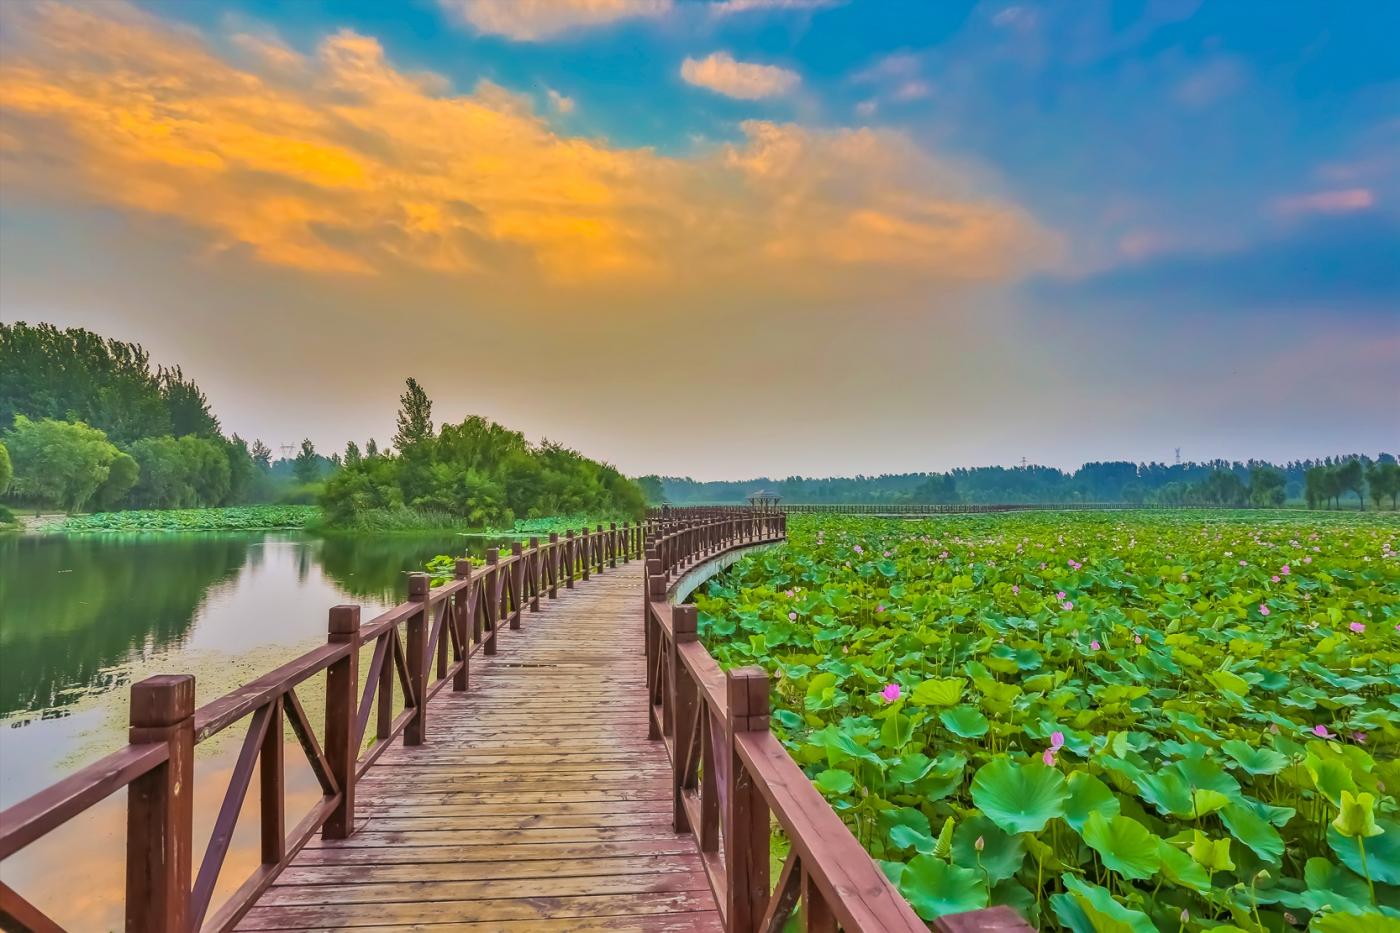 早晨的祥云印照下的临沂黄山武河湿地红荷园_图1-11